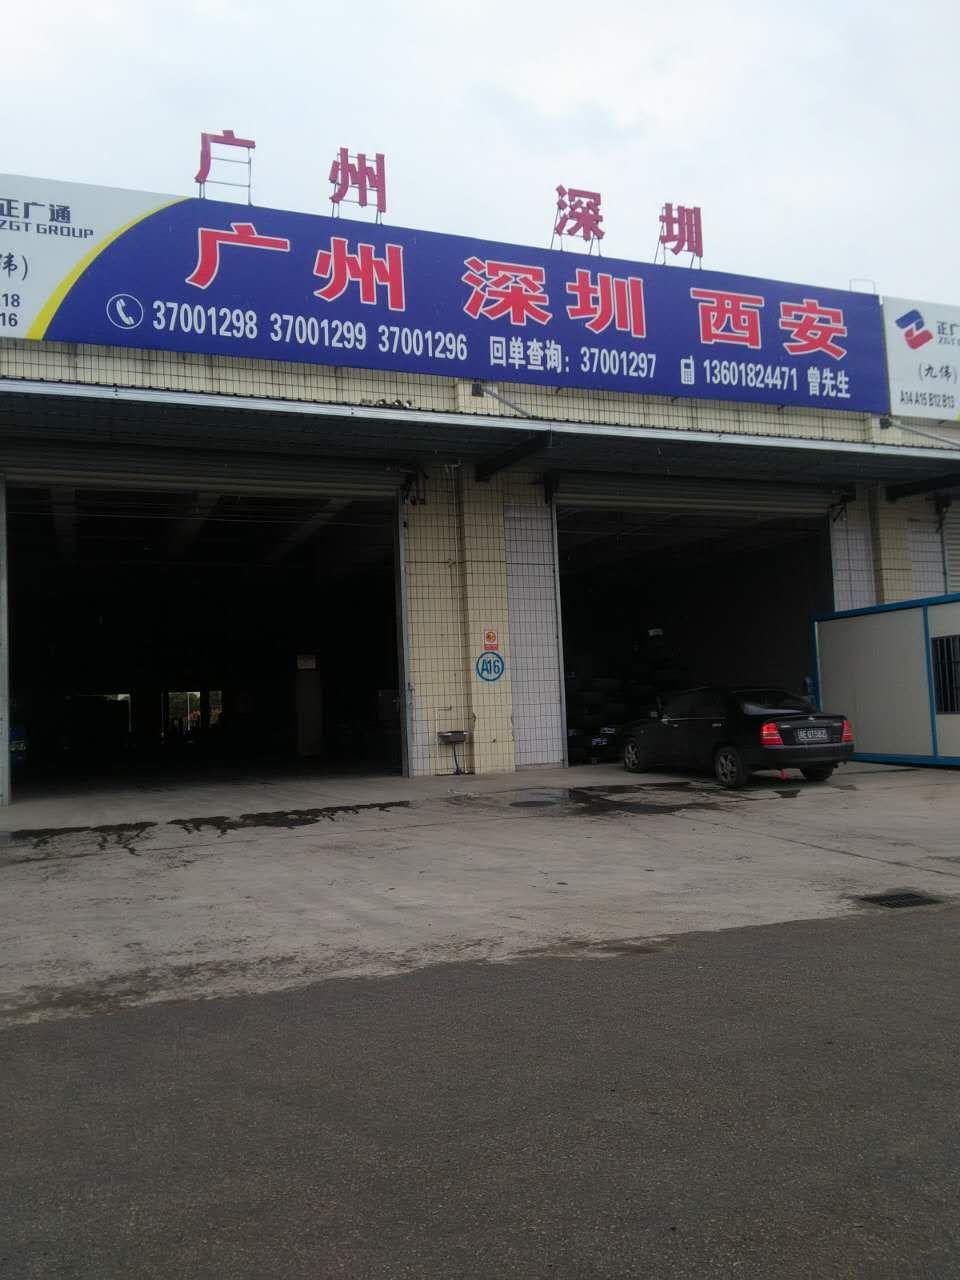 上海到惠州物流专线(上海正广通供应链管理有限公司)